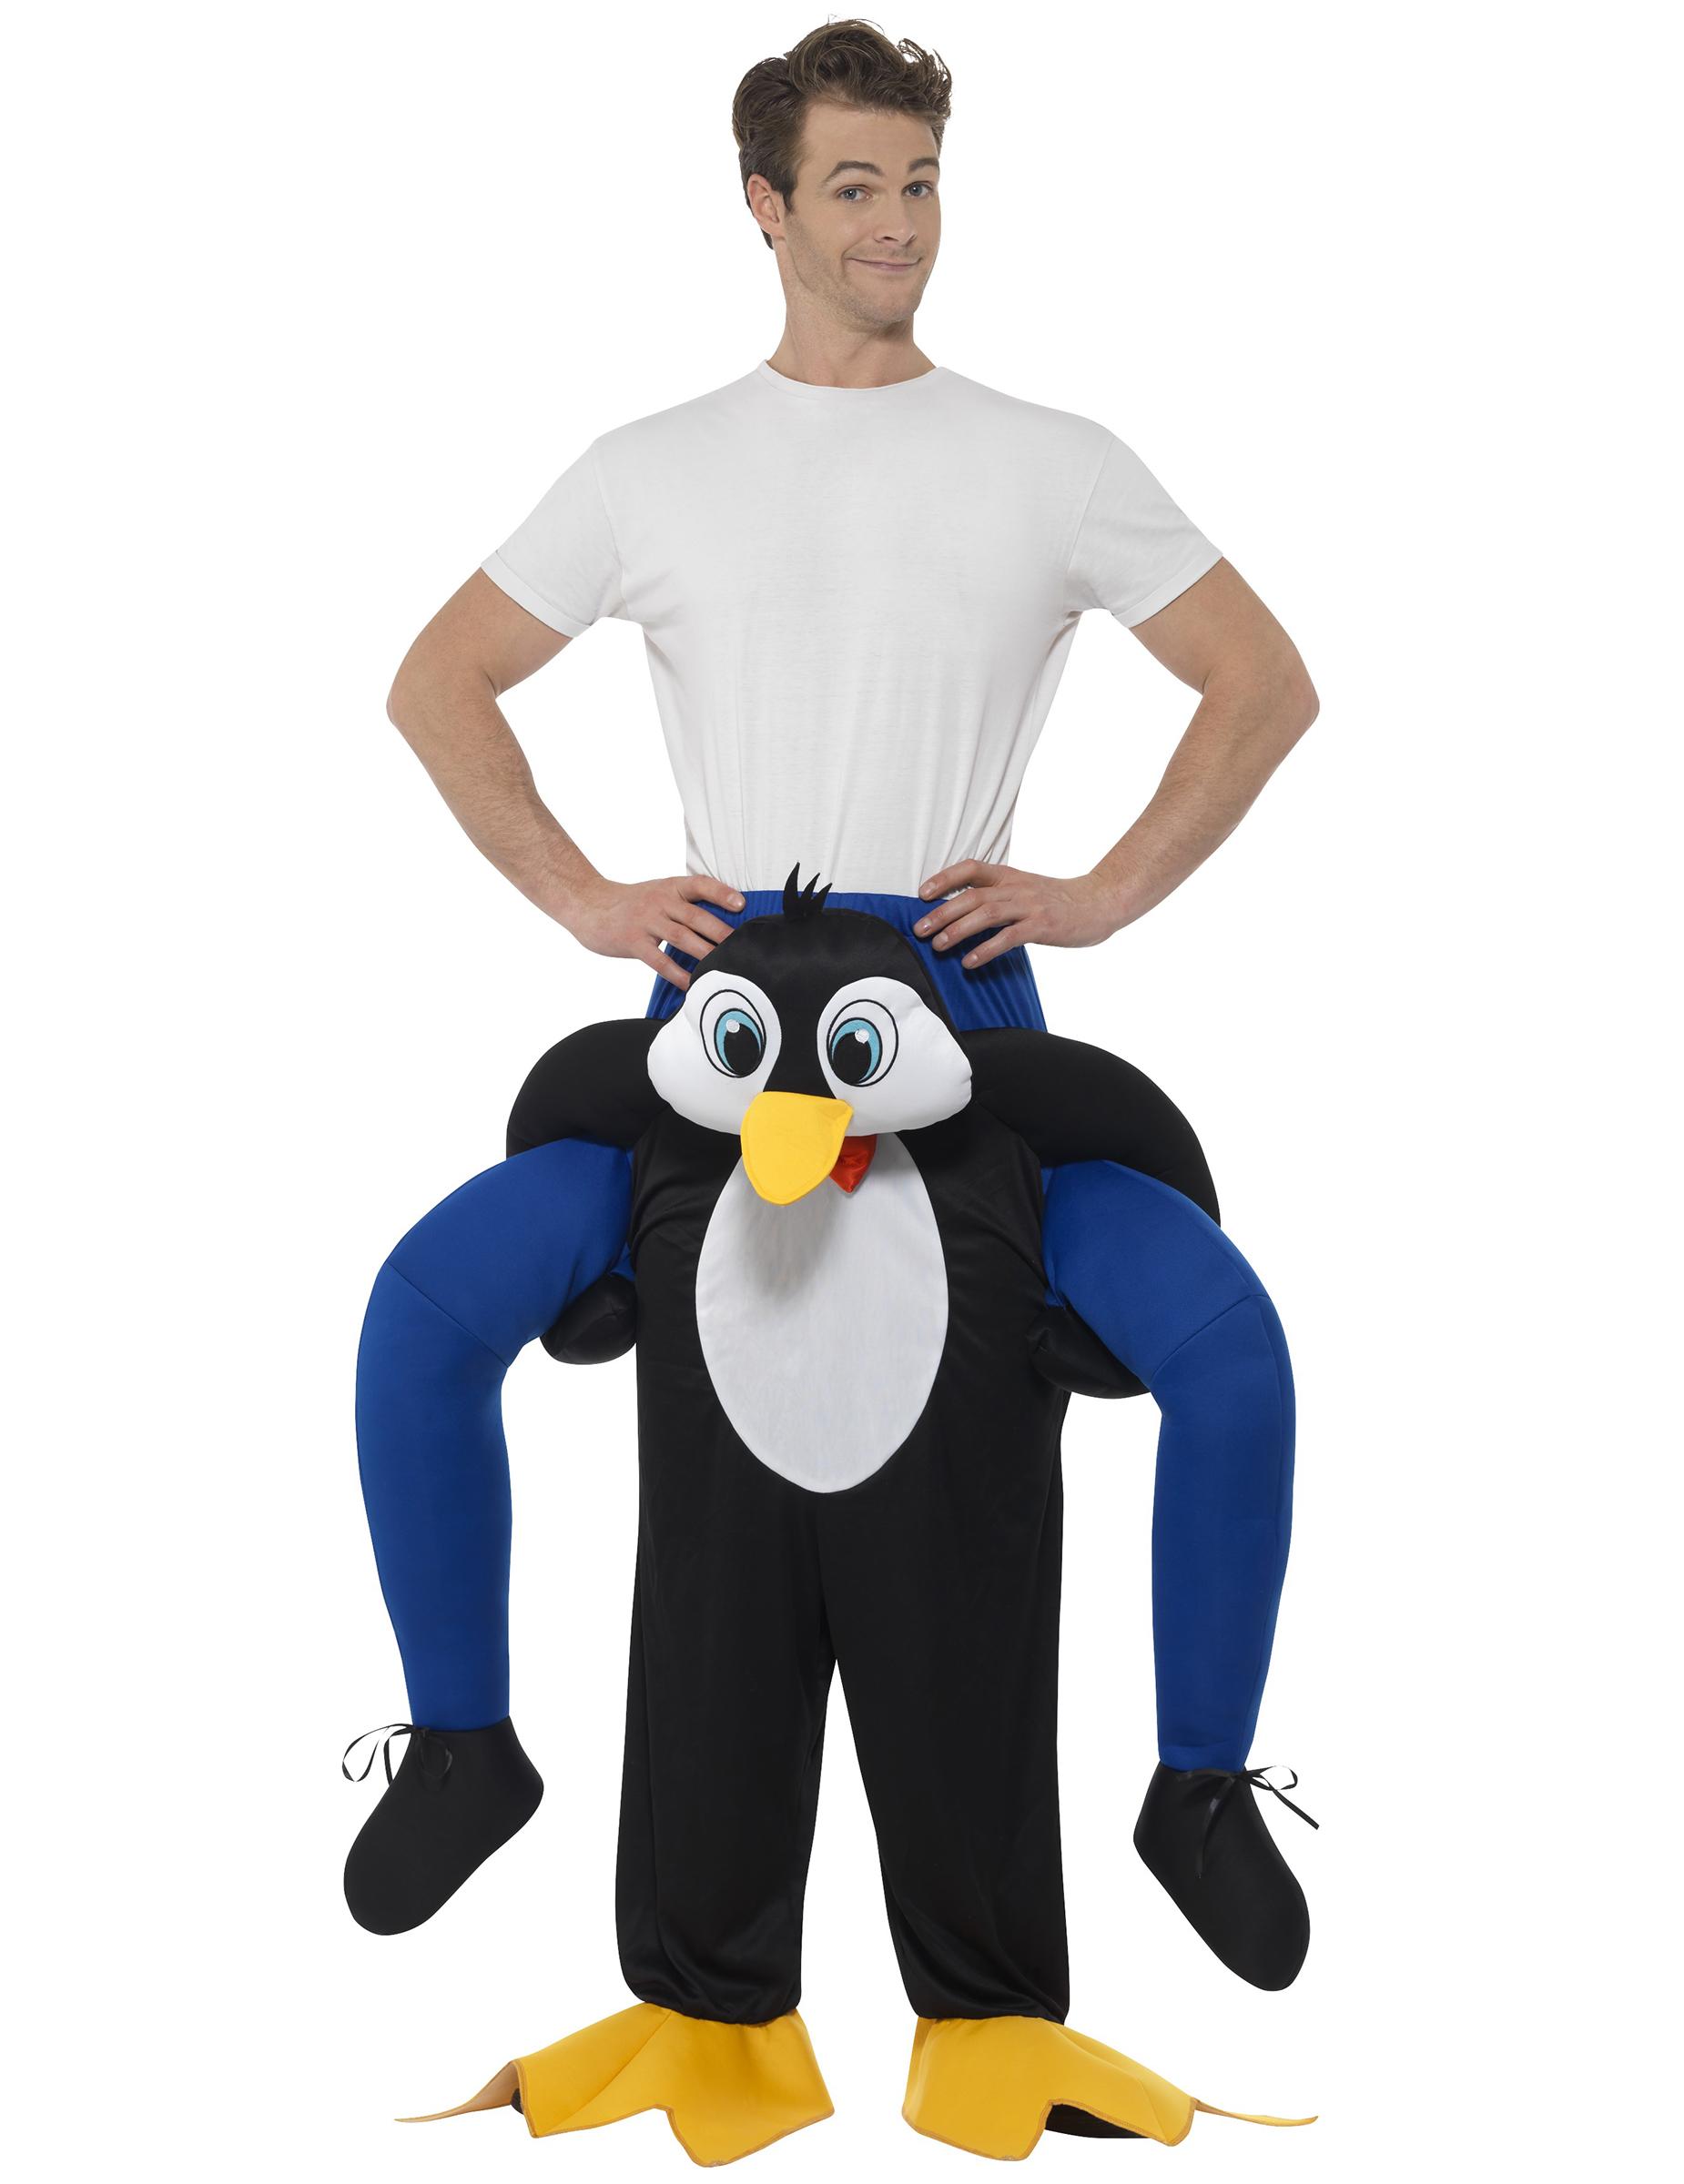 d guisement homme dos de pingouin adulte deguise toi achat de d guisements adultes. Black Bedroom Furniture Sets. Home Design Ideas